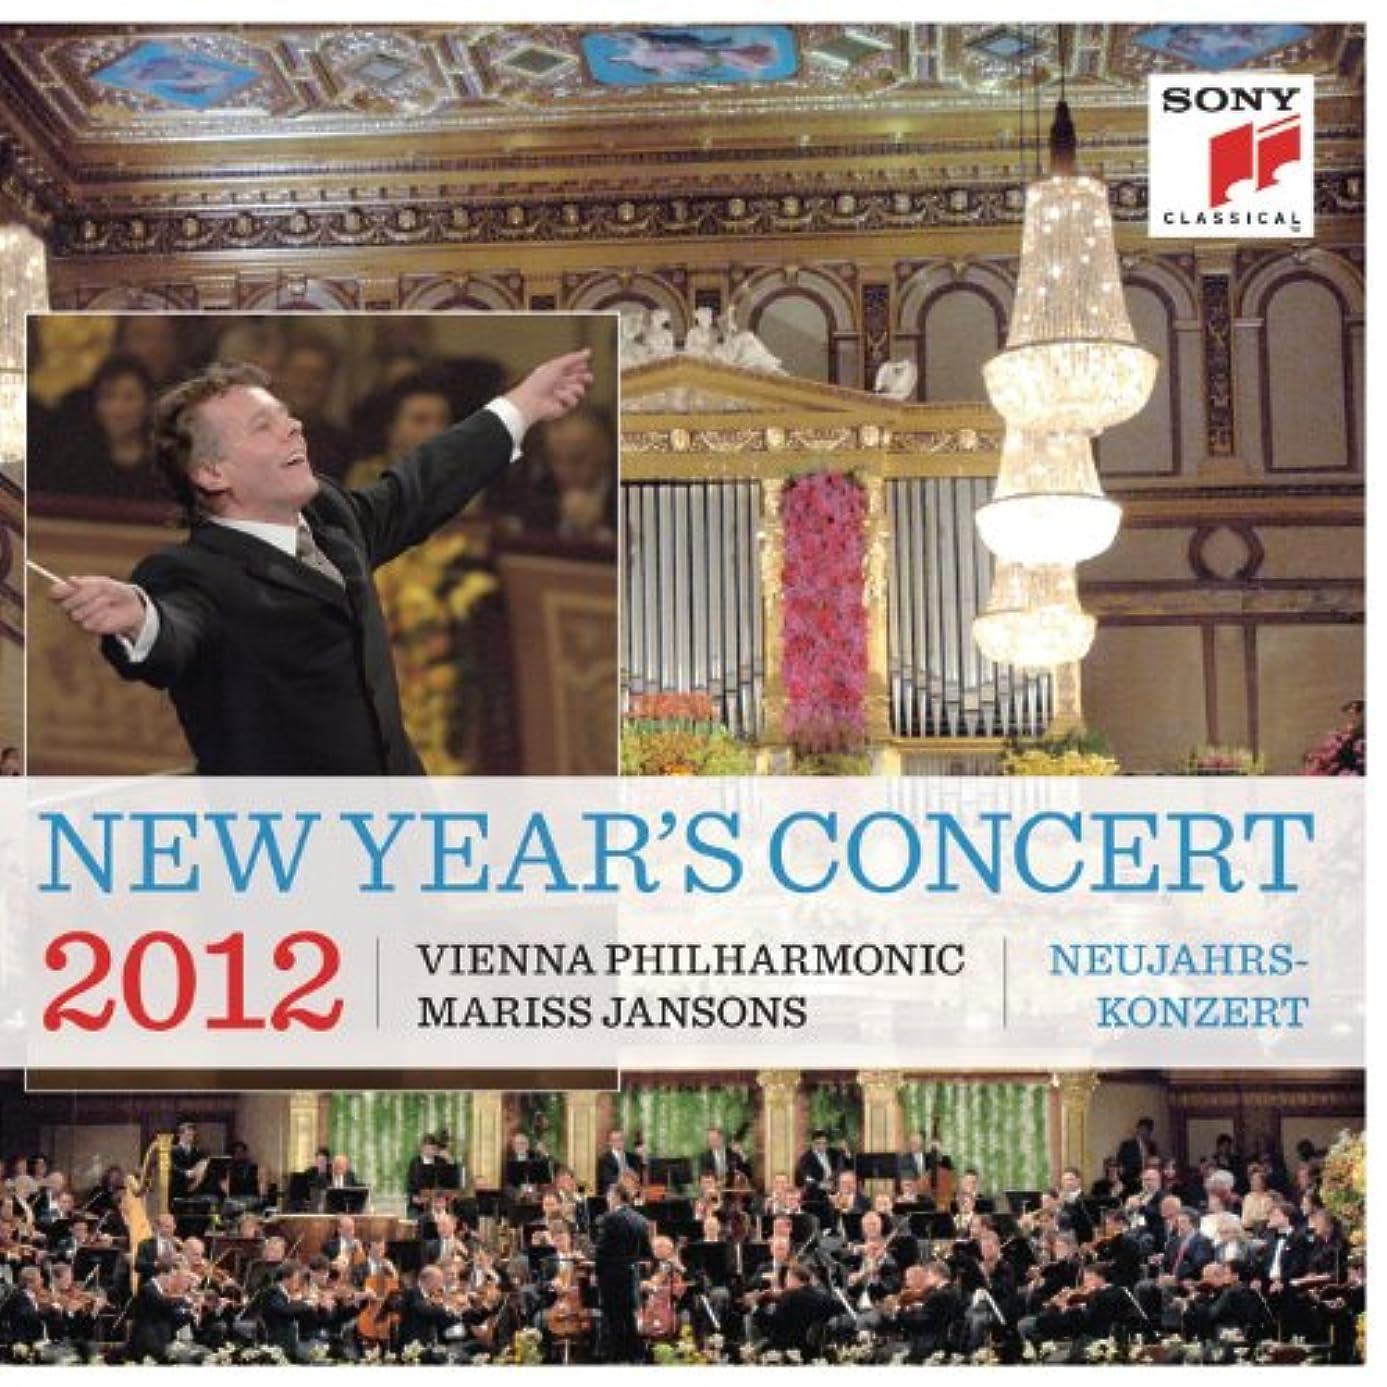 2012 New Year's Concert (Neujahrskonzert)